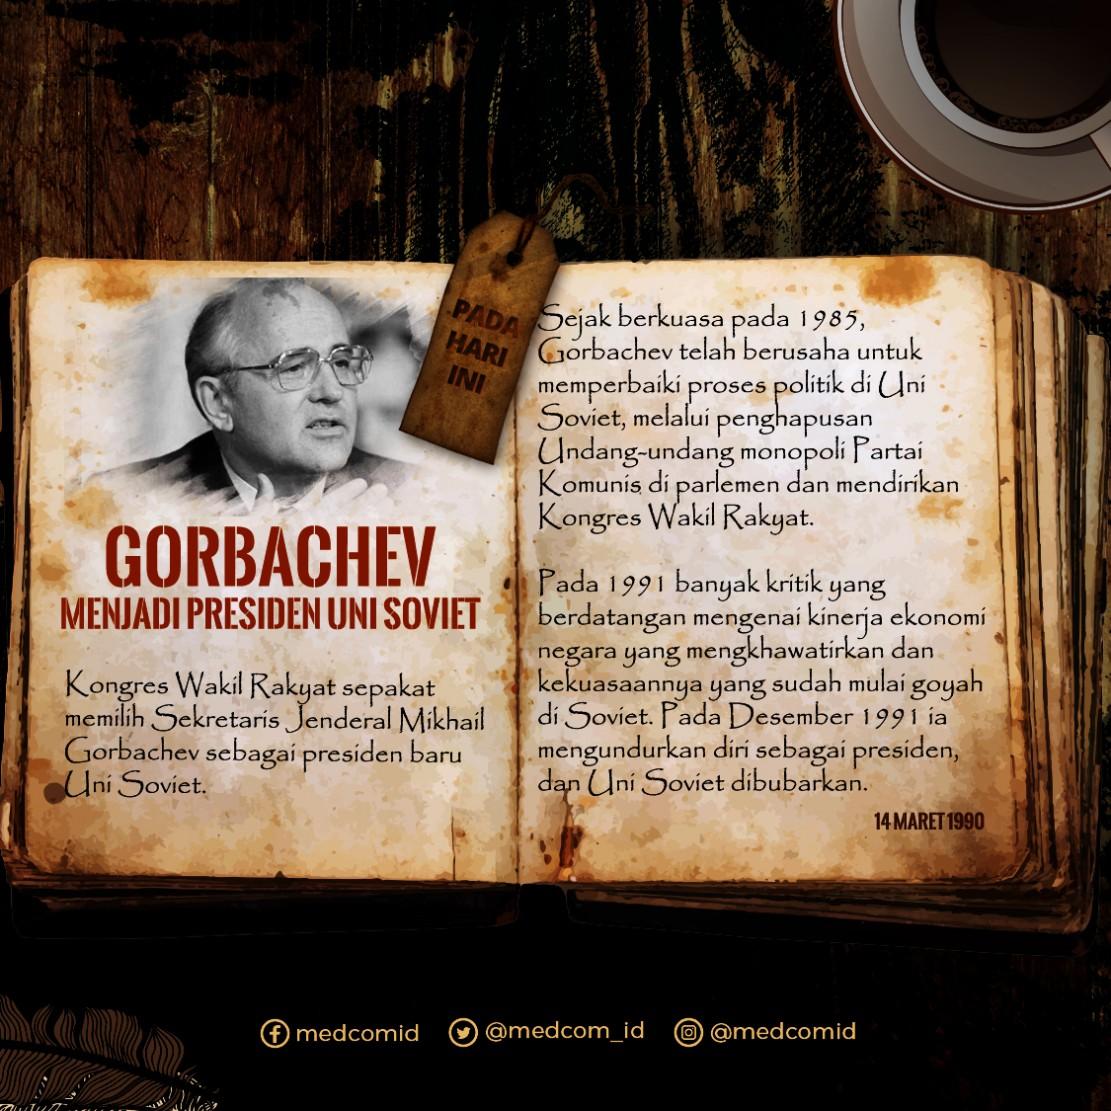 Hari ini: Gorbachev Menjadi Presiden Uni Soviet